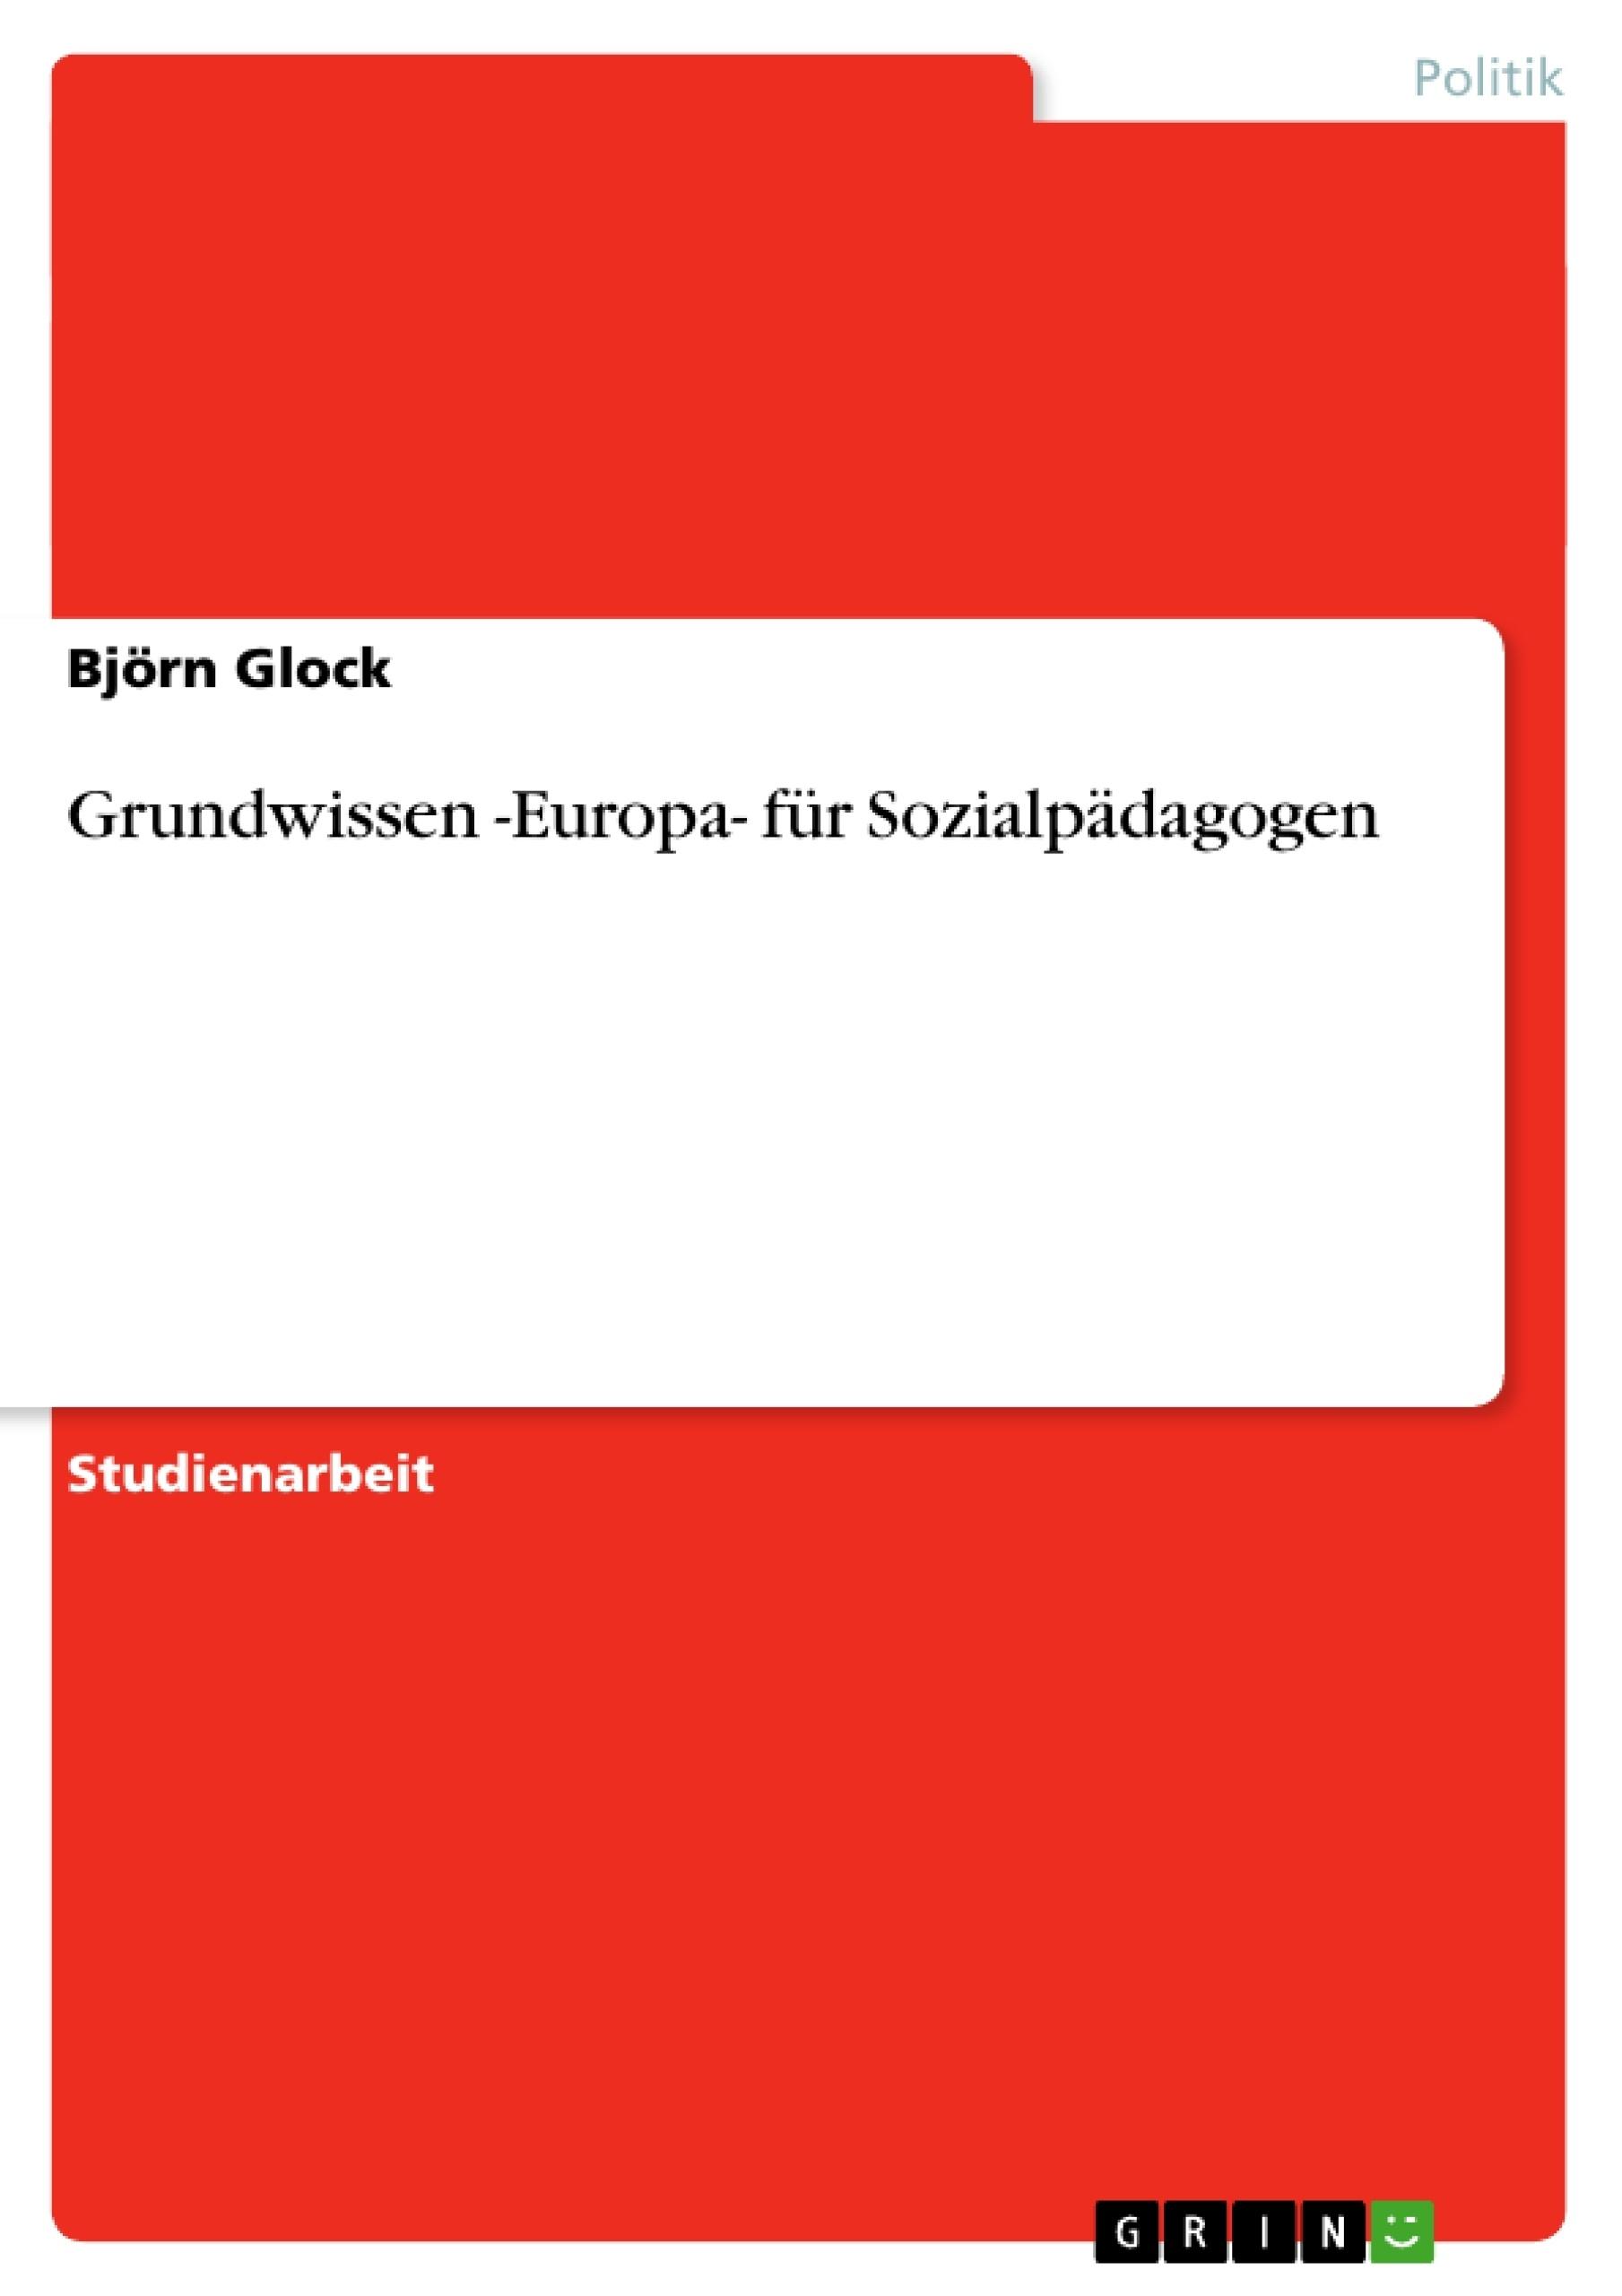 Titel: Grundwissen -Europa- für Sozialpädagogen